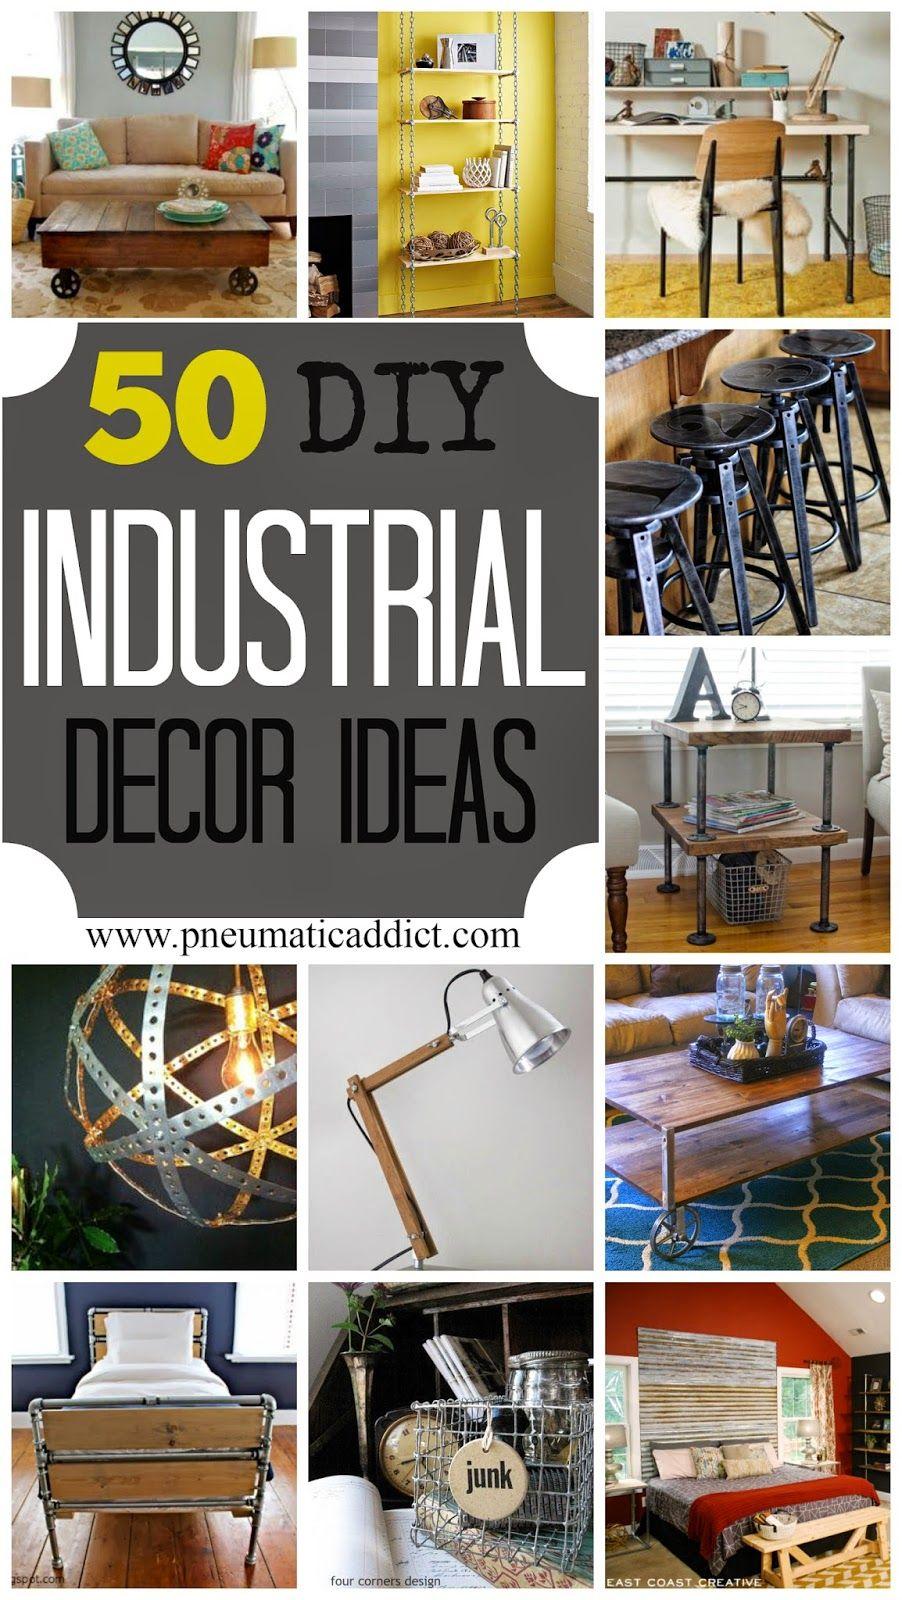 50 Diy Industrial Decor Ideas Just Diy It Diy Home Decor Diy